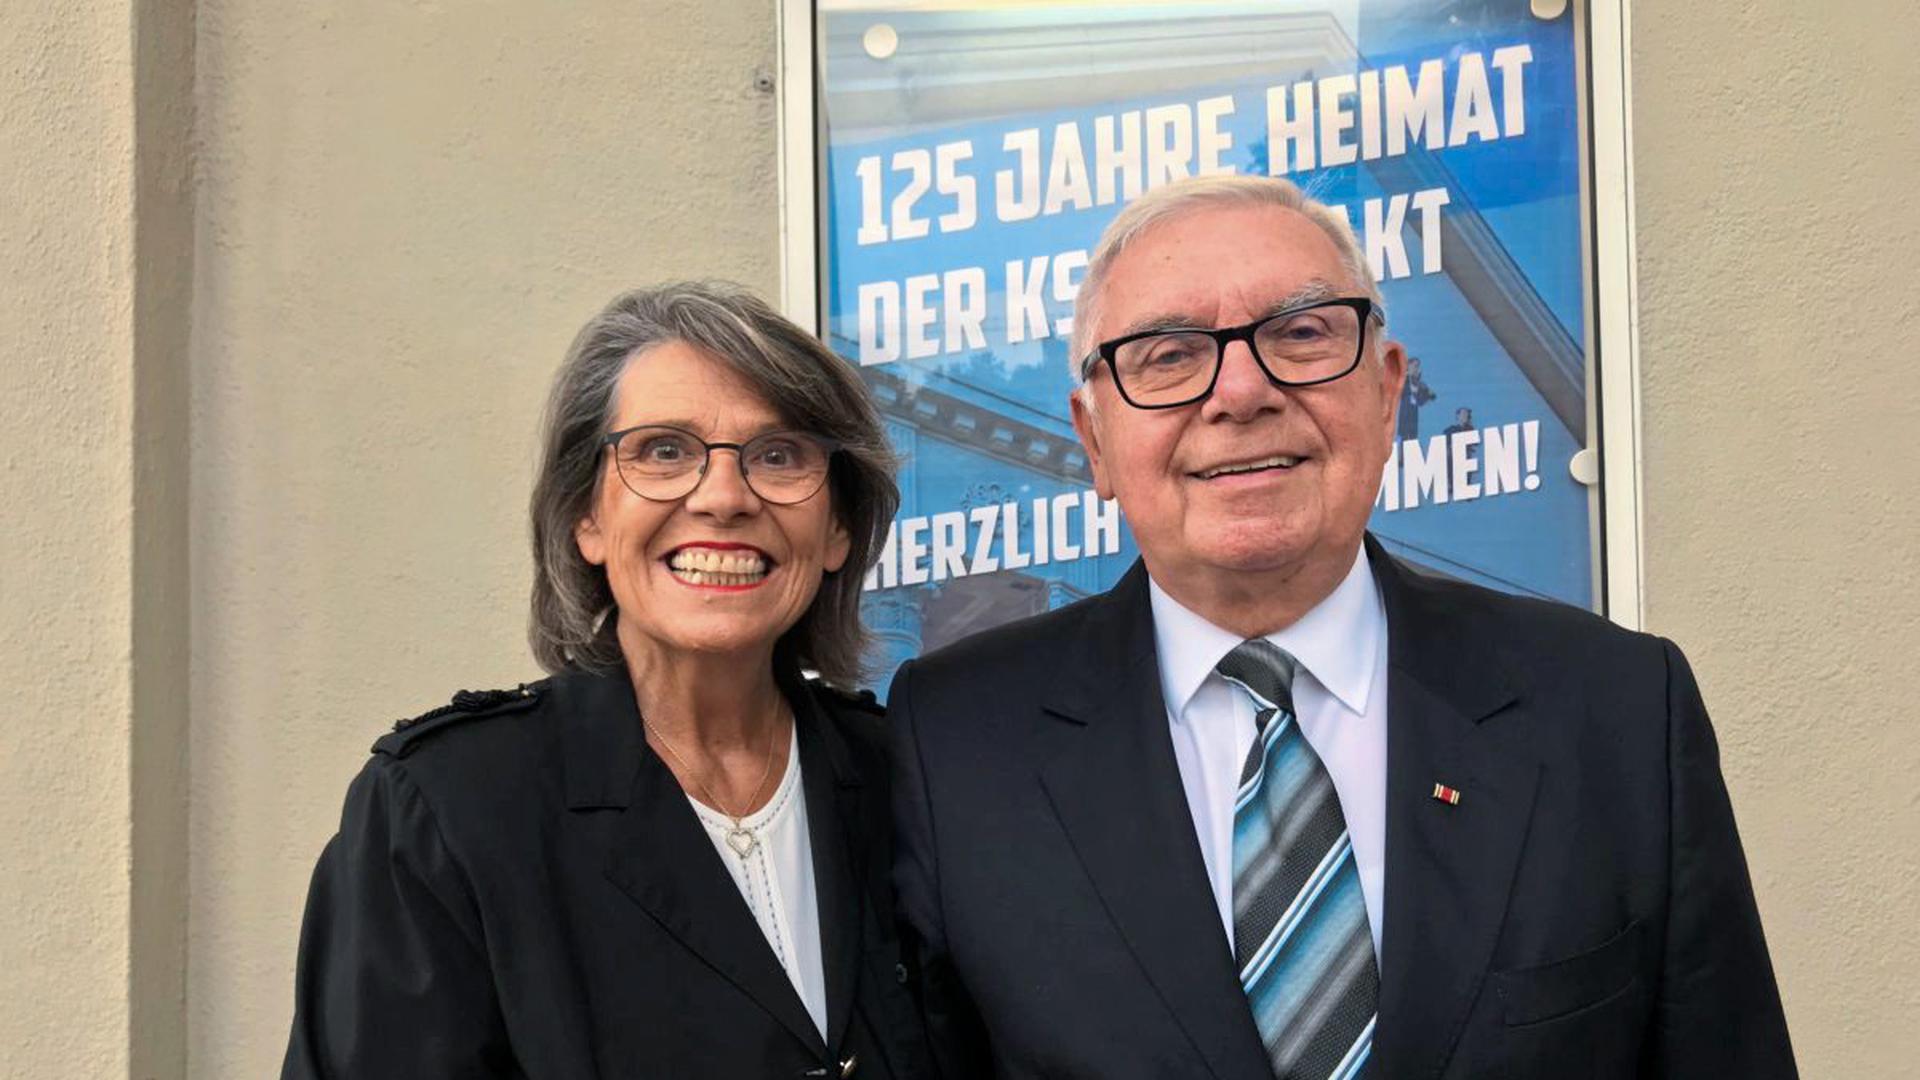 Roland Schmider, ehemaliger KSC-Präsident mit Ehefrau.